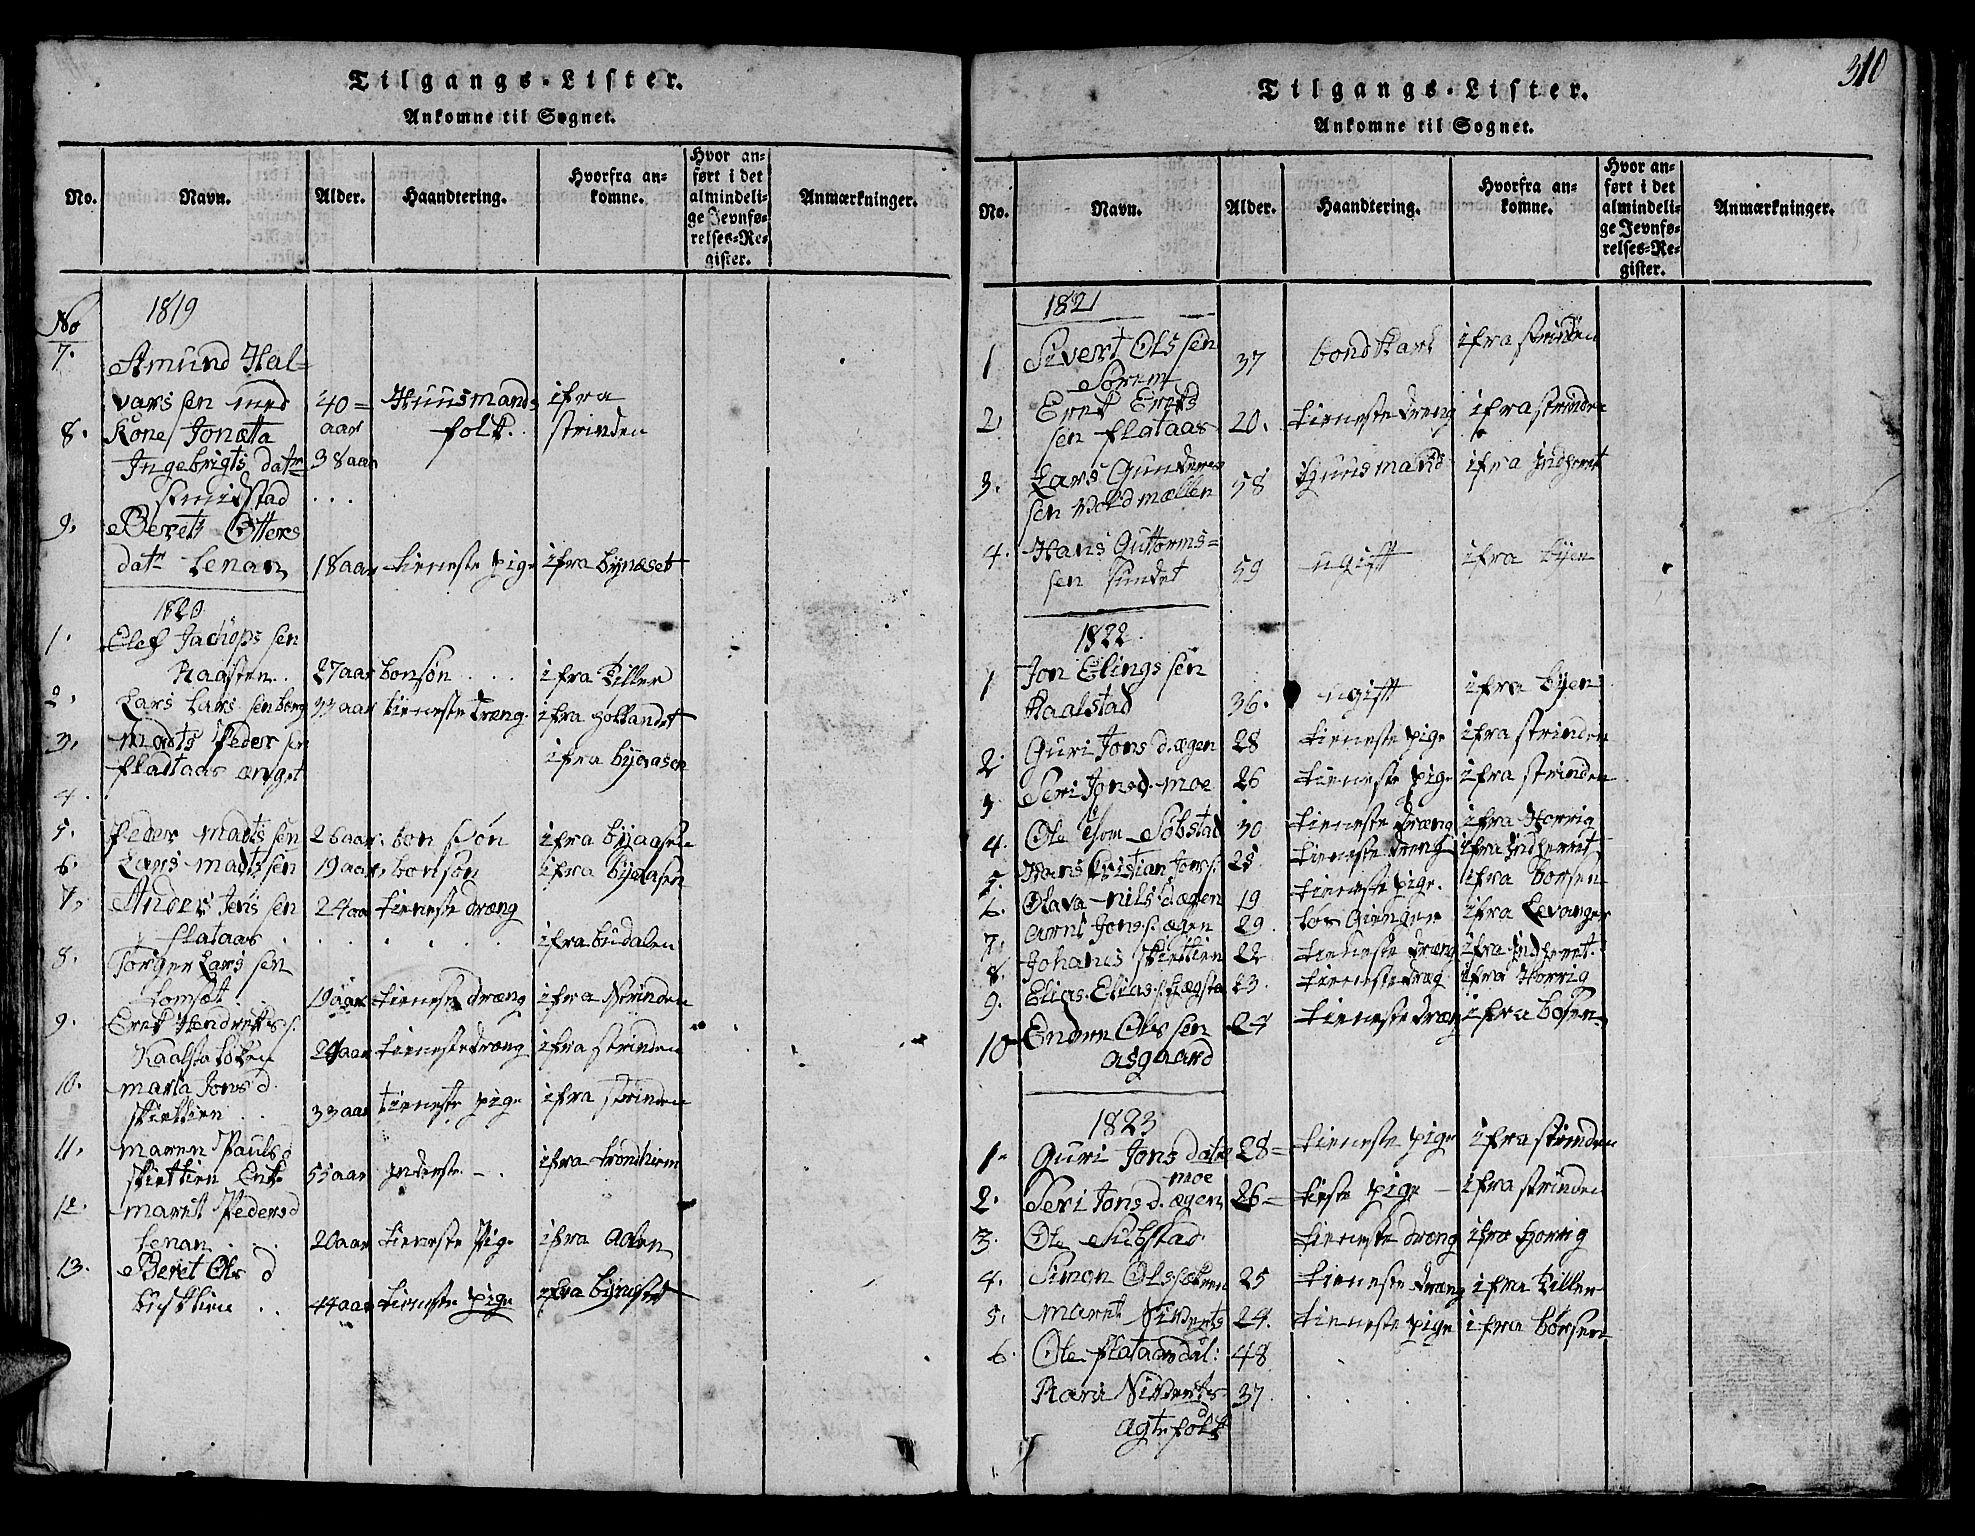 SAT, Ministerialprotokoller, klokkerbøker og fødselsregistre - Sør-Trøndelag, 613/L0393: Klokkerbok nr. 613C01, 1816-1886, s. 310